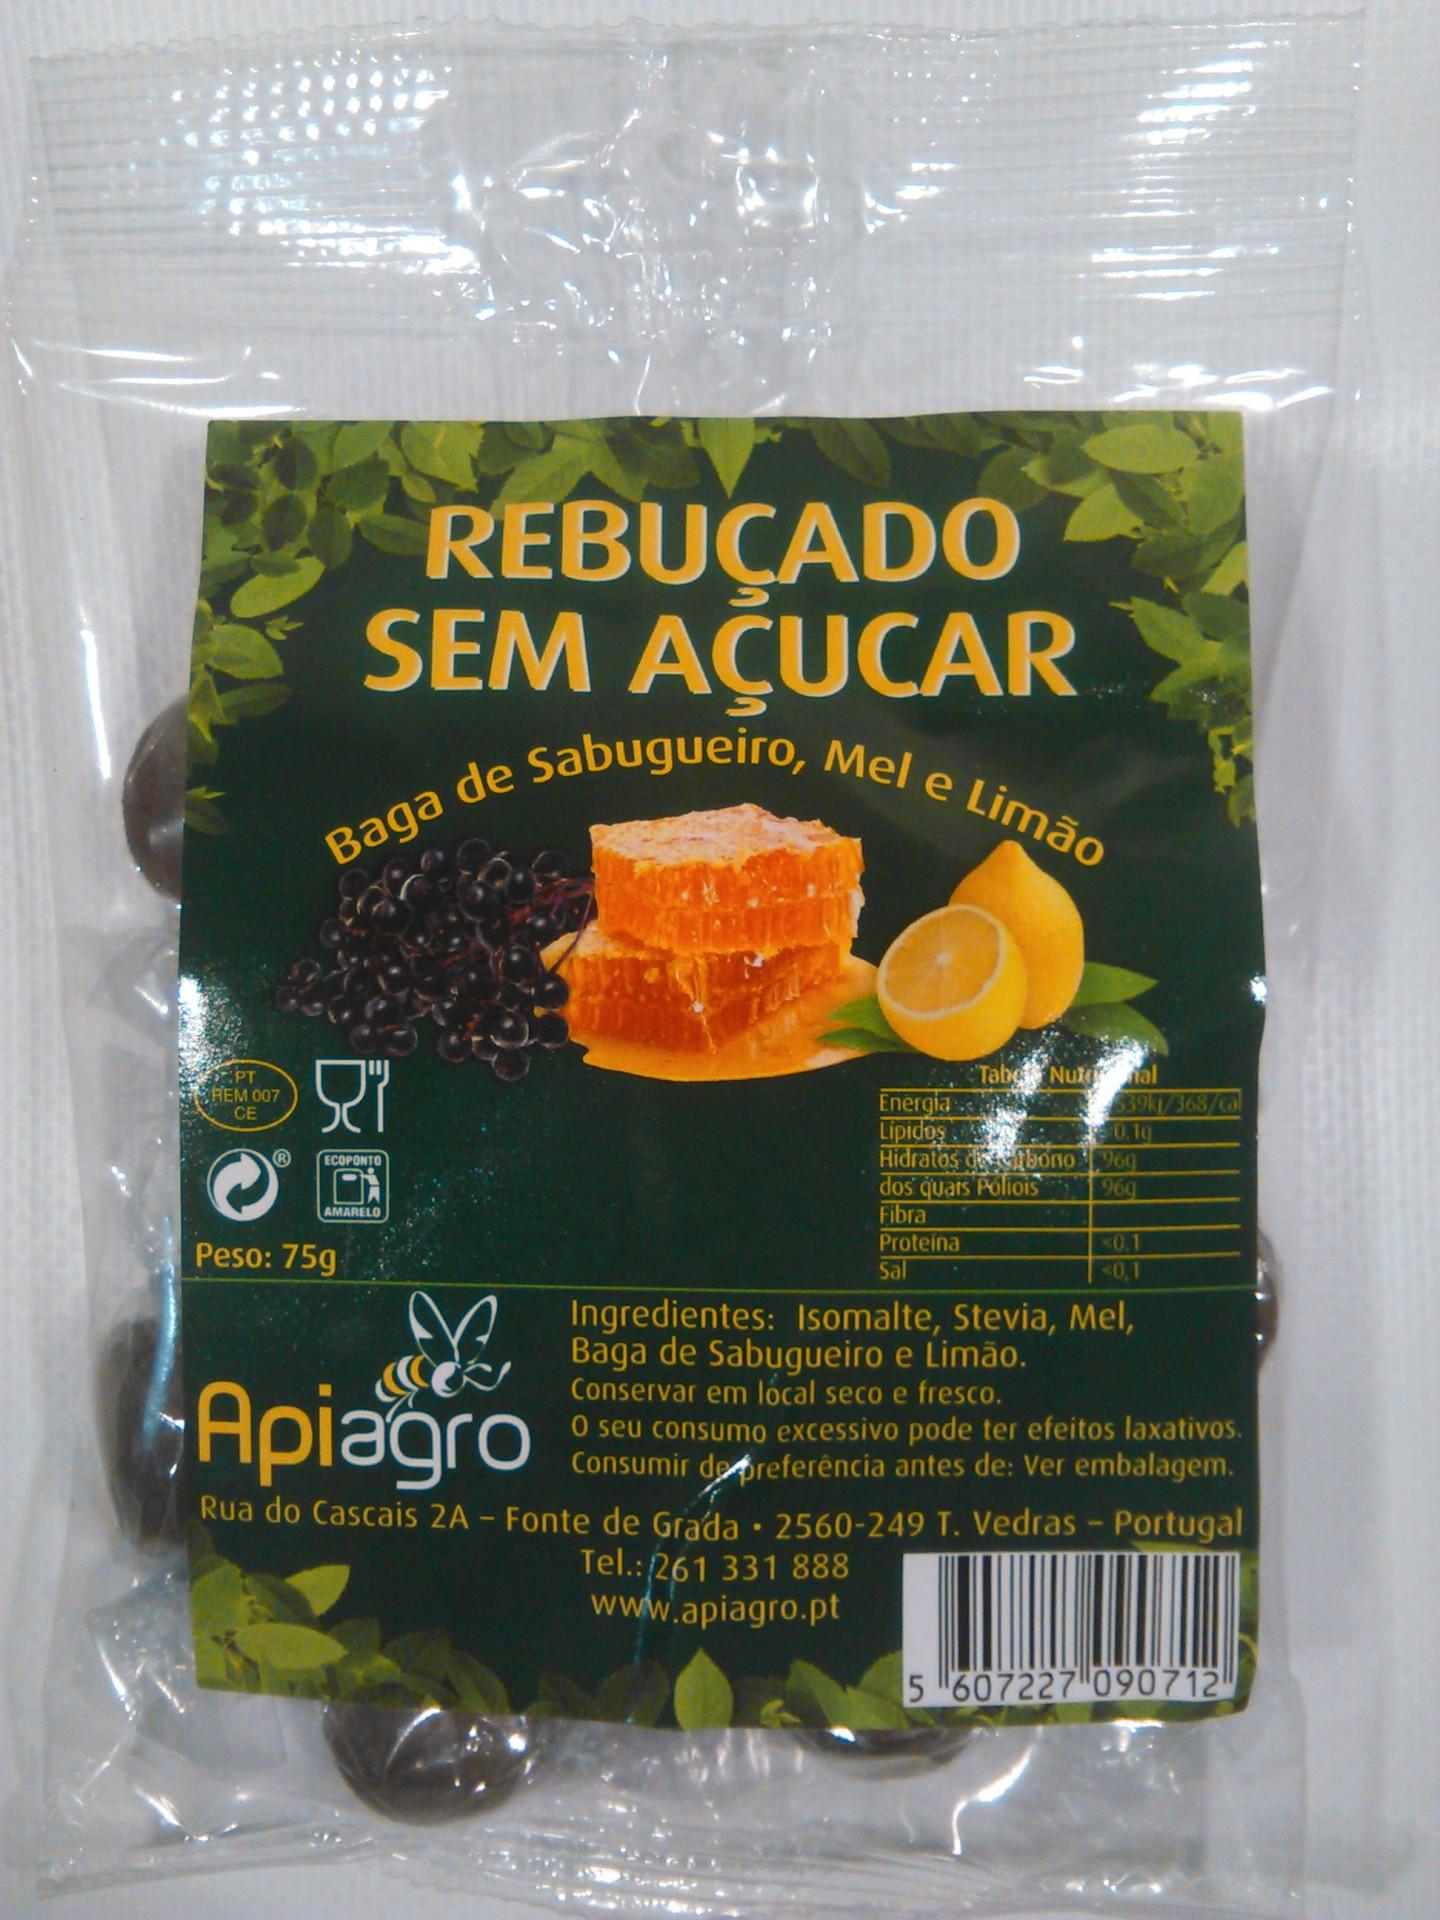 Rebuçados s/ Açucar de Baga Sabugueiro, Mel e Limão